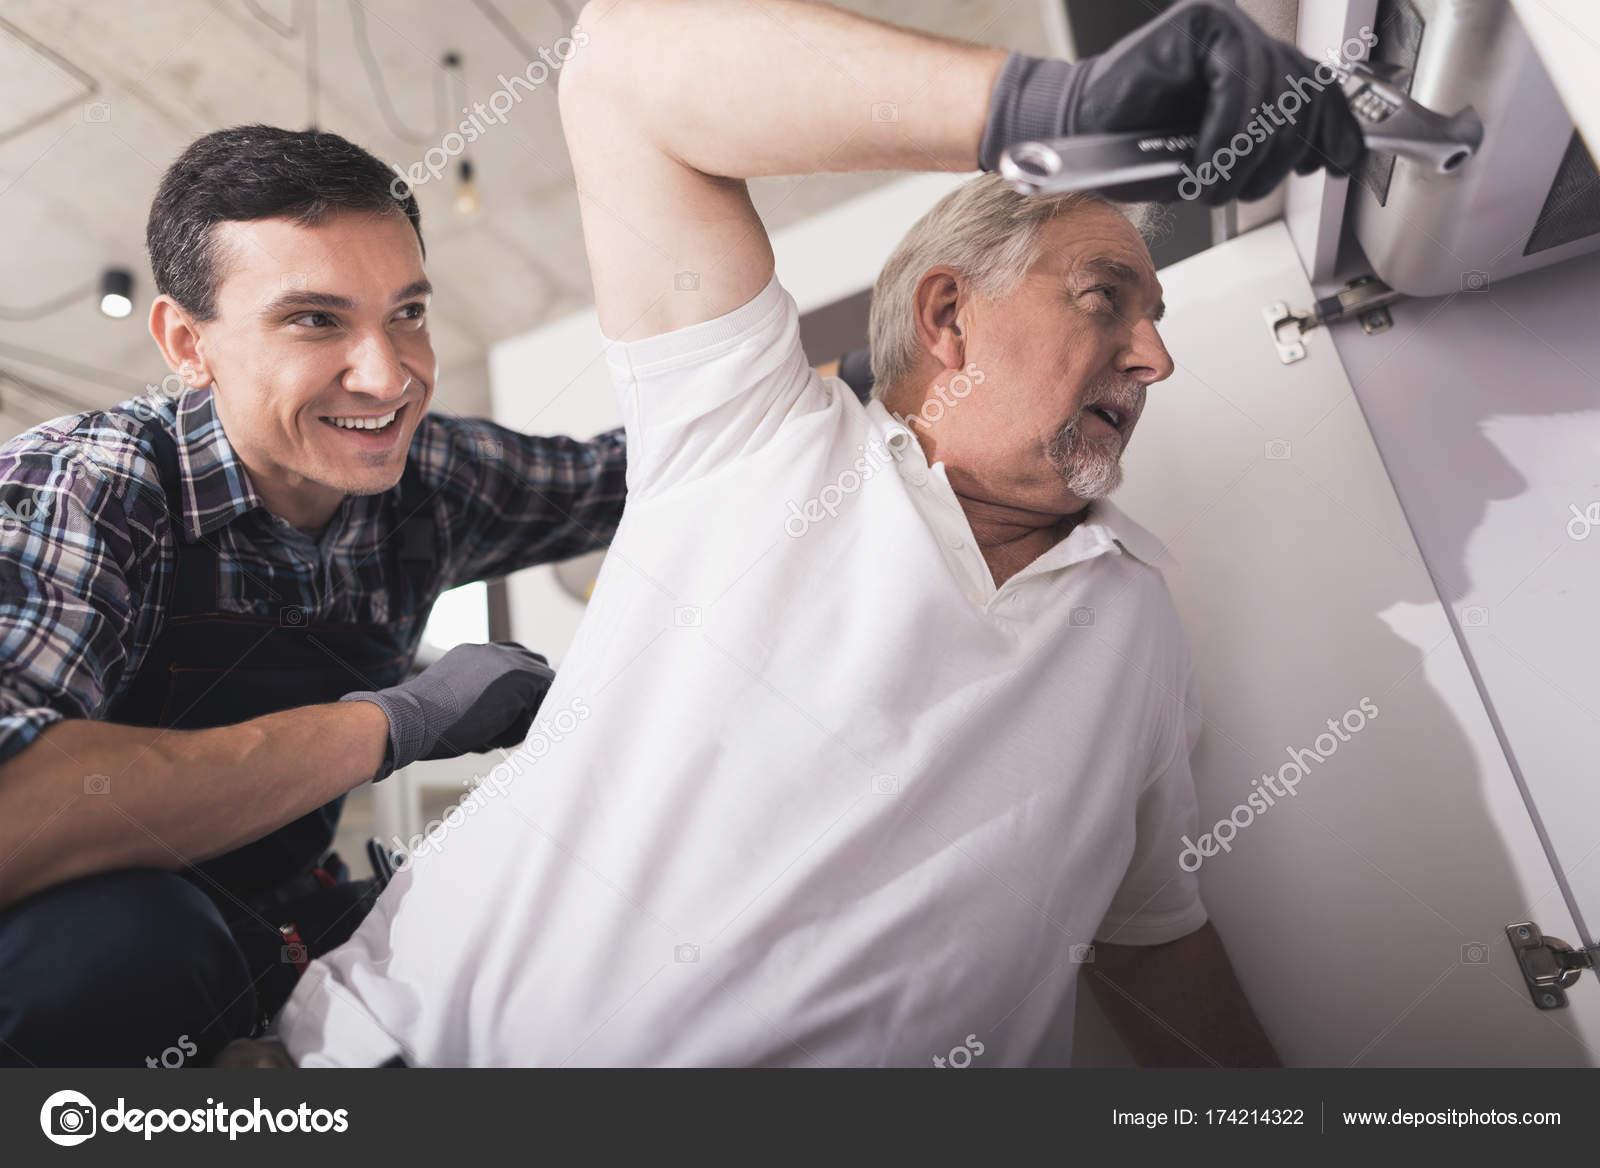 Zwei Klempner vorbereitet, die Küchenspüle zu reparieren. Einer von ...